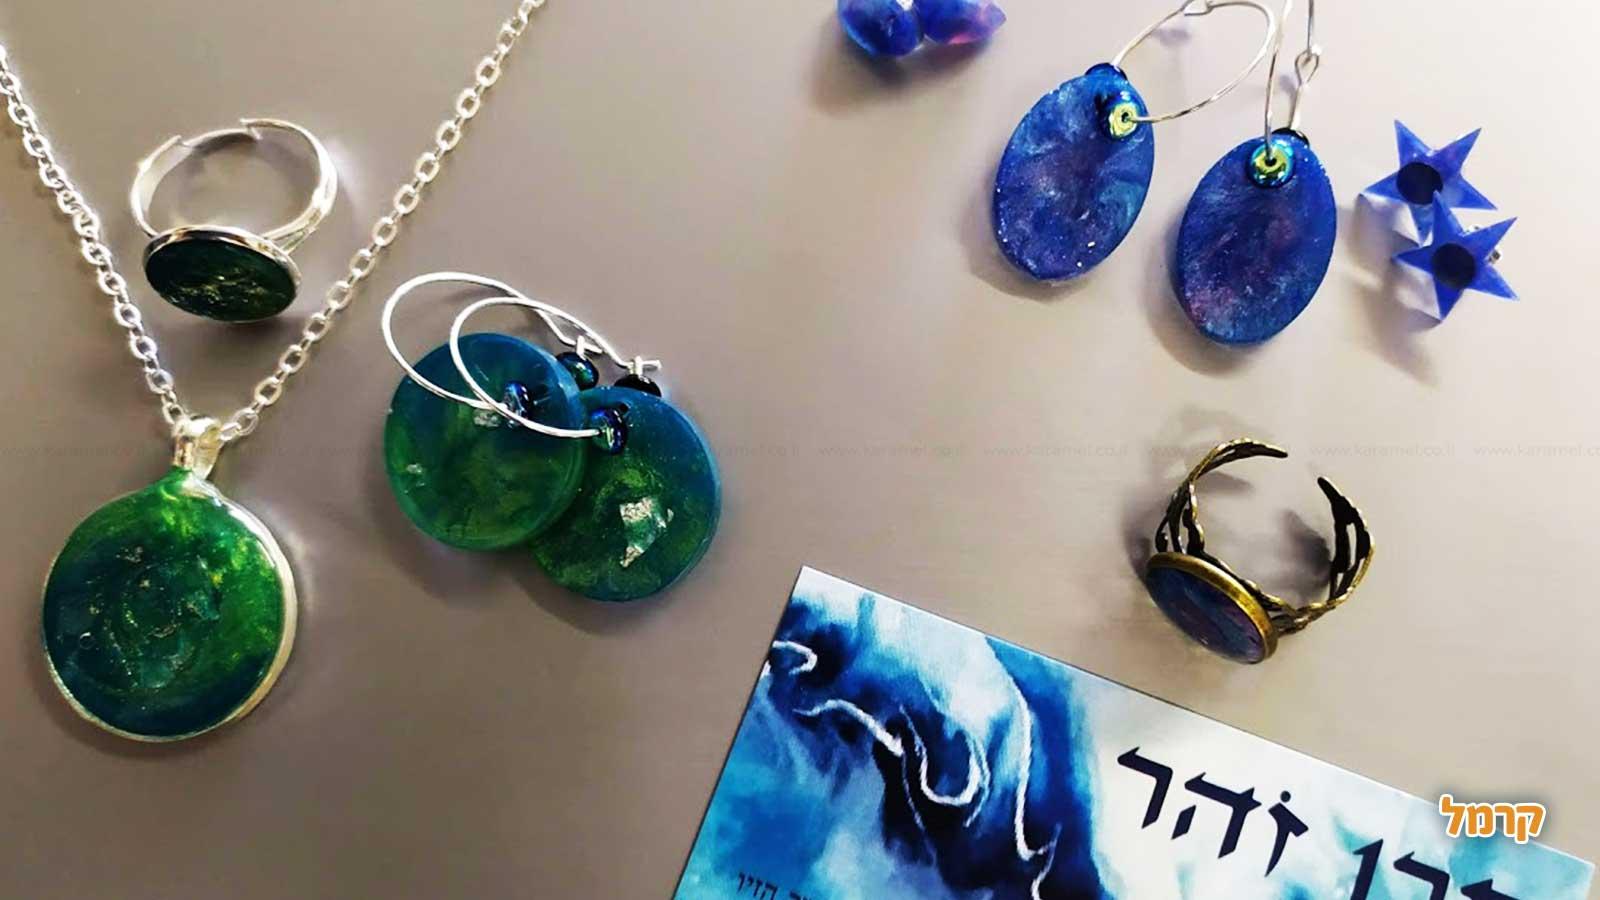 זהר קרן - סדנאות אומנות ותכשיטים - 073-7026437